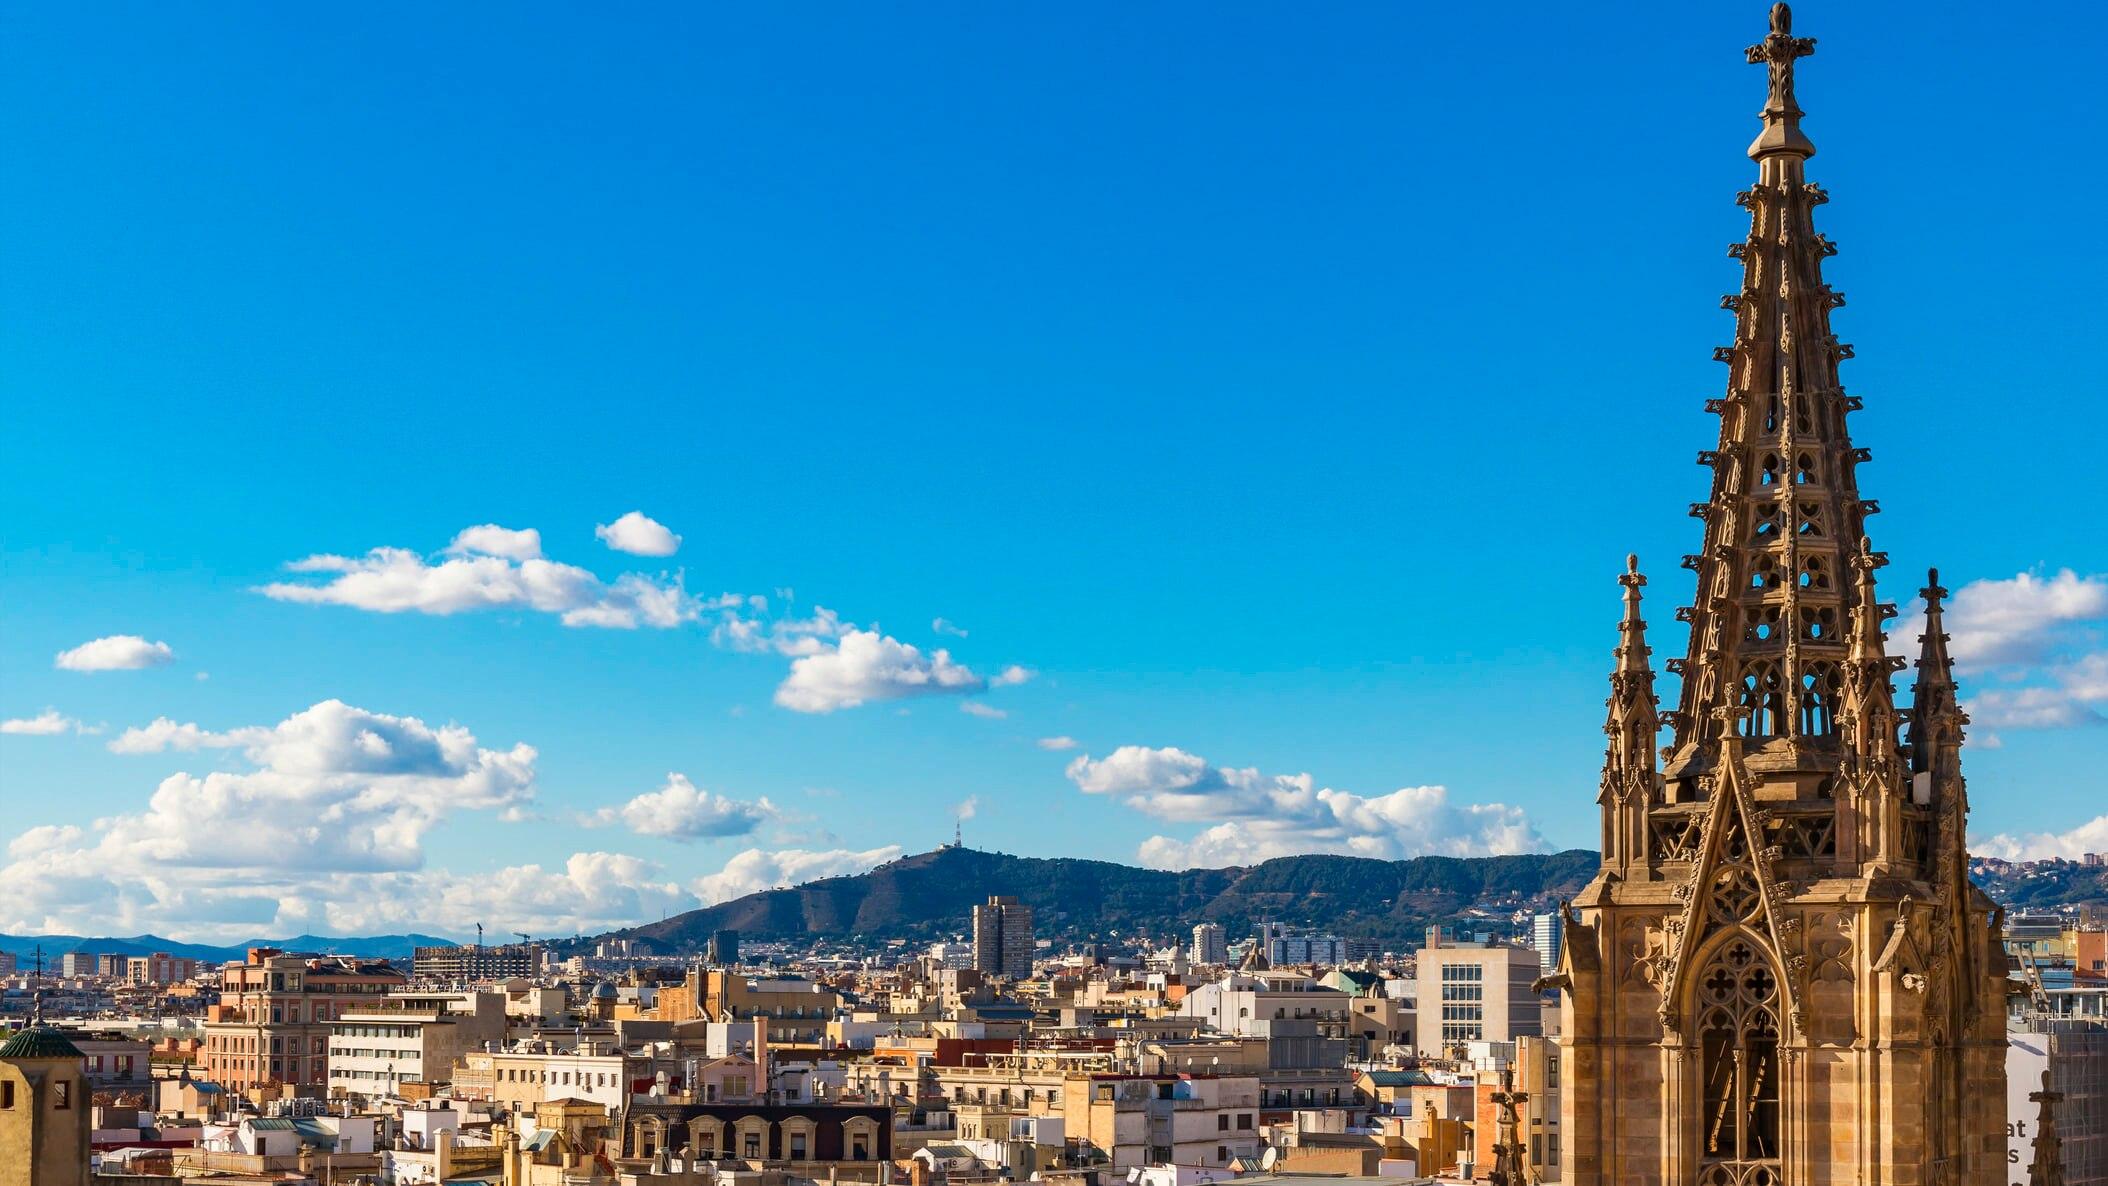 【決定版】スペイン・バルセロナのおすすめ観光スポット20選!